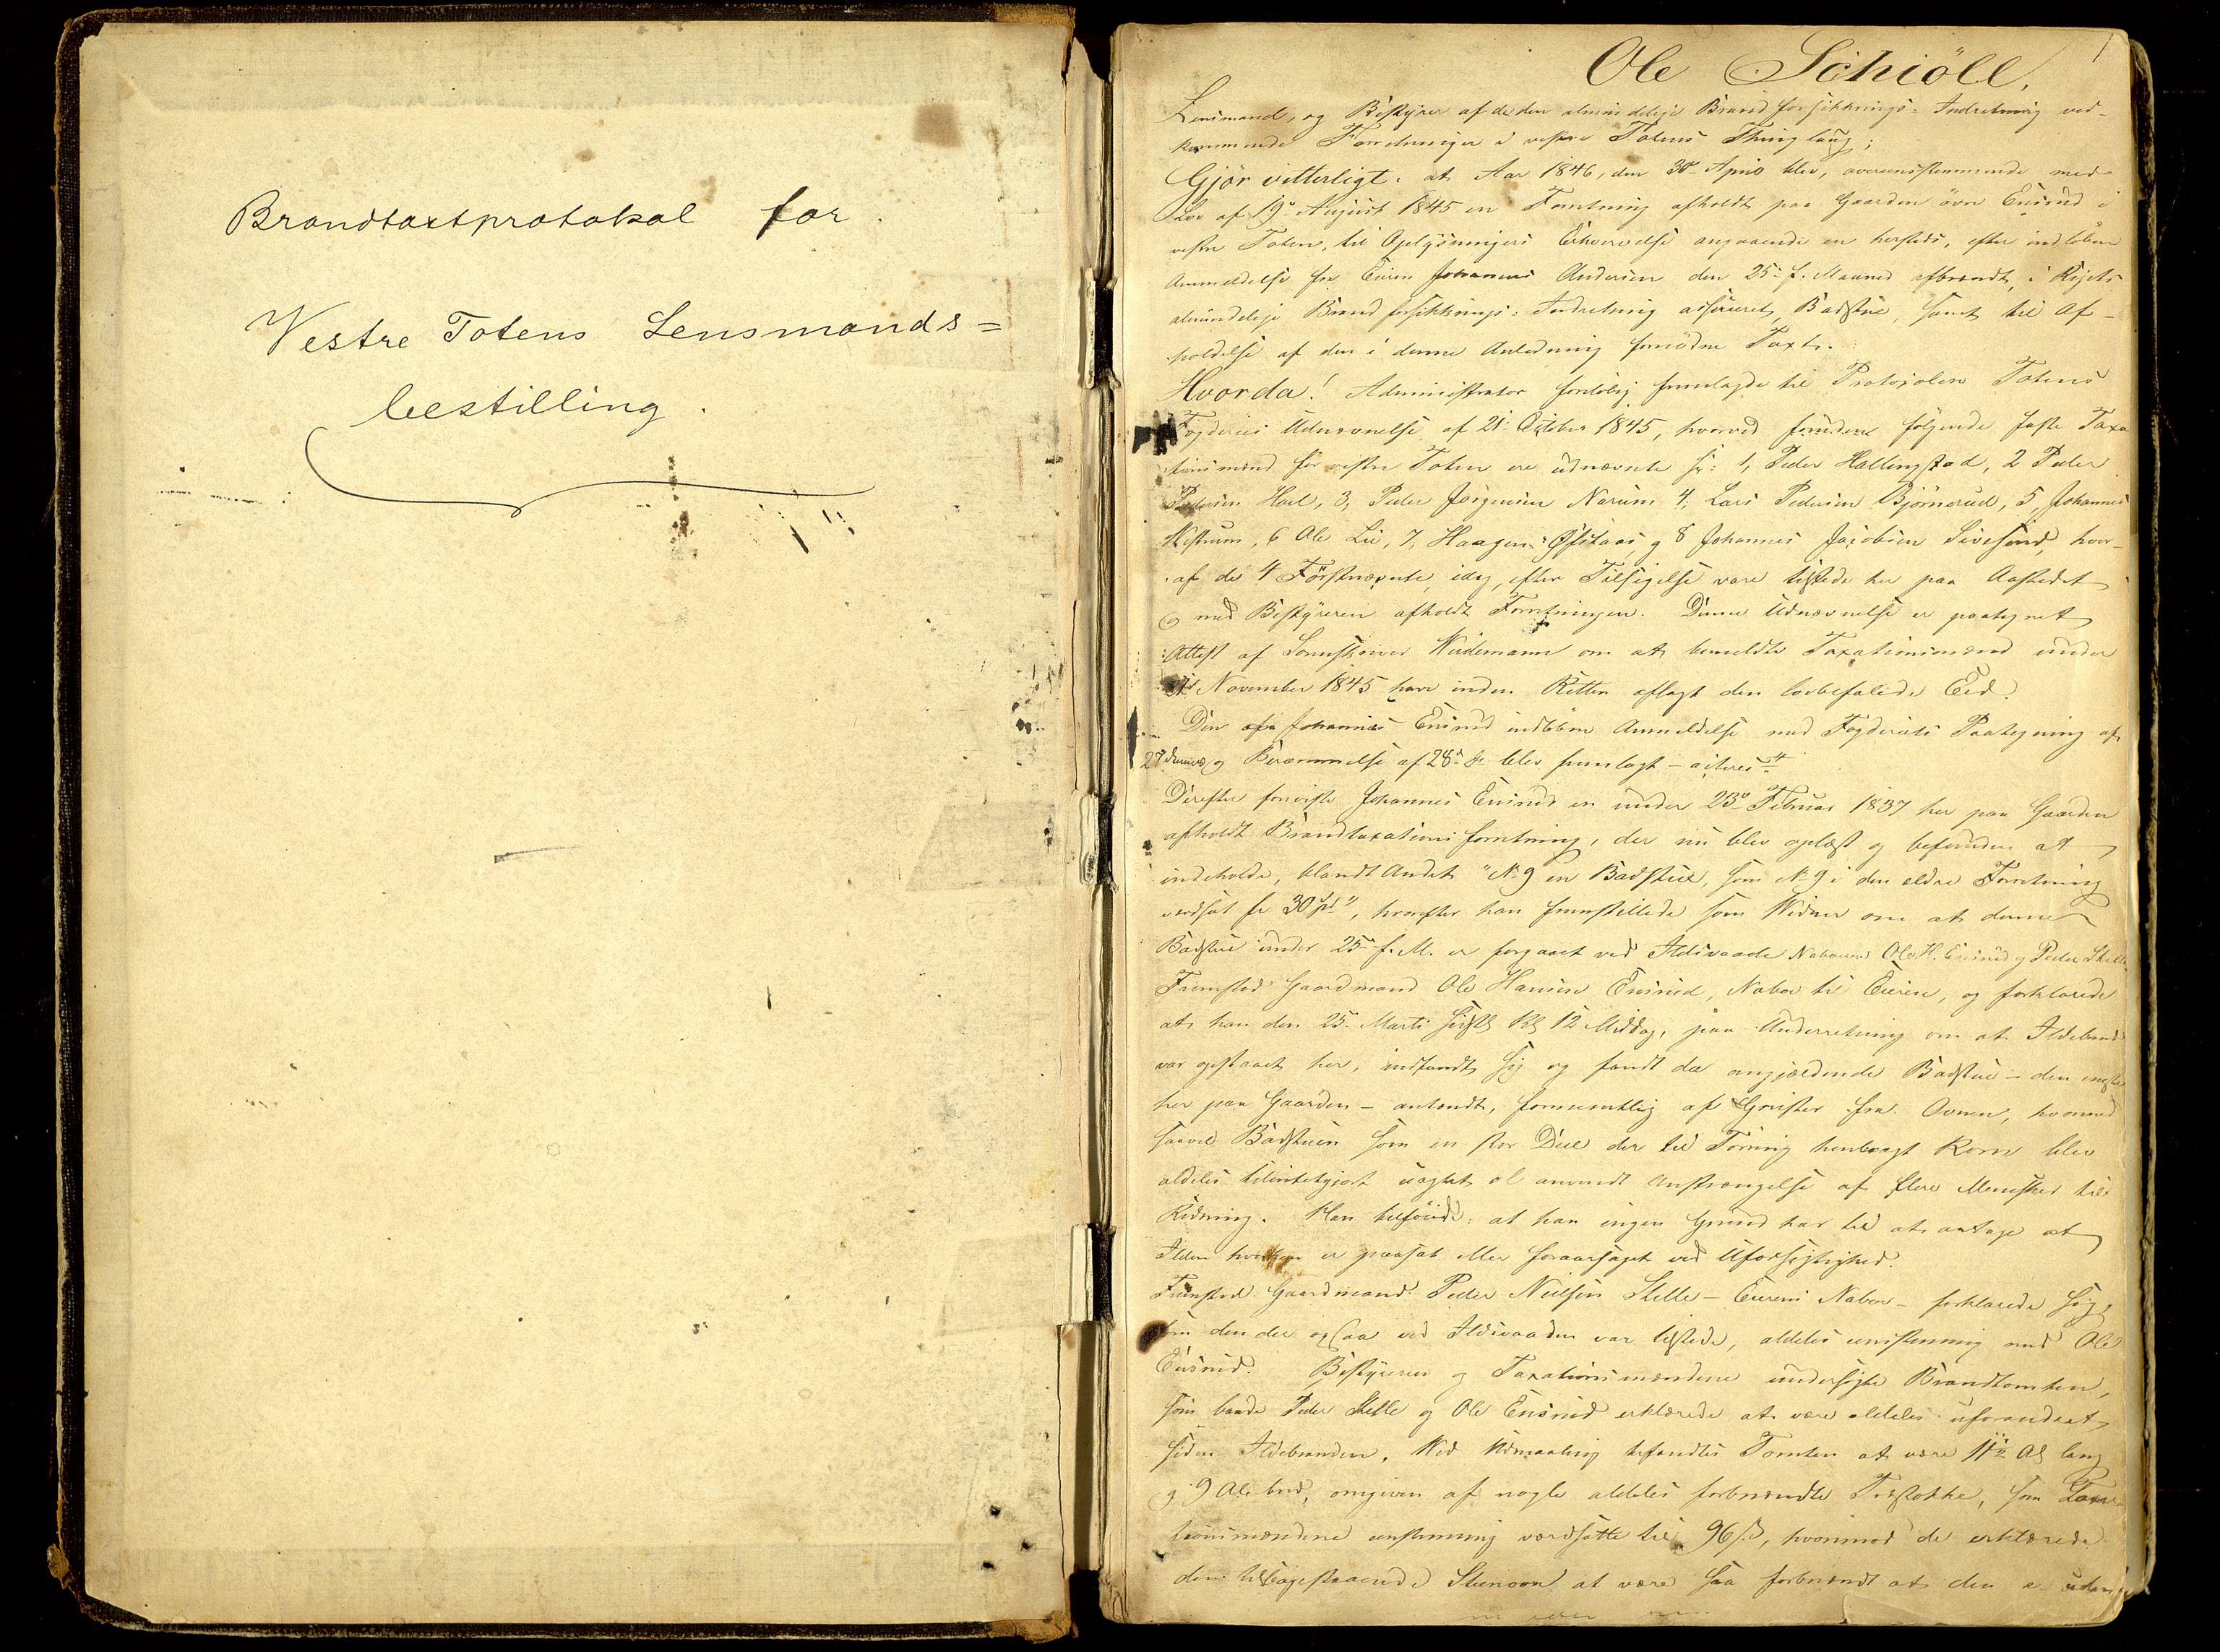 SAH, Norges Brannkasse, Vestre Toten, 1846-1919, p. 1a